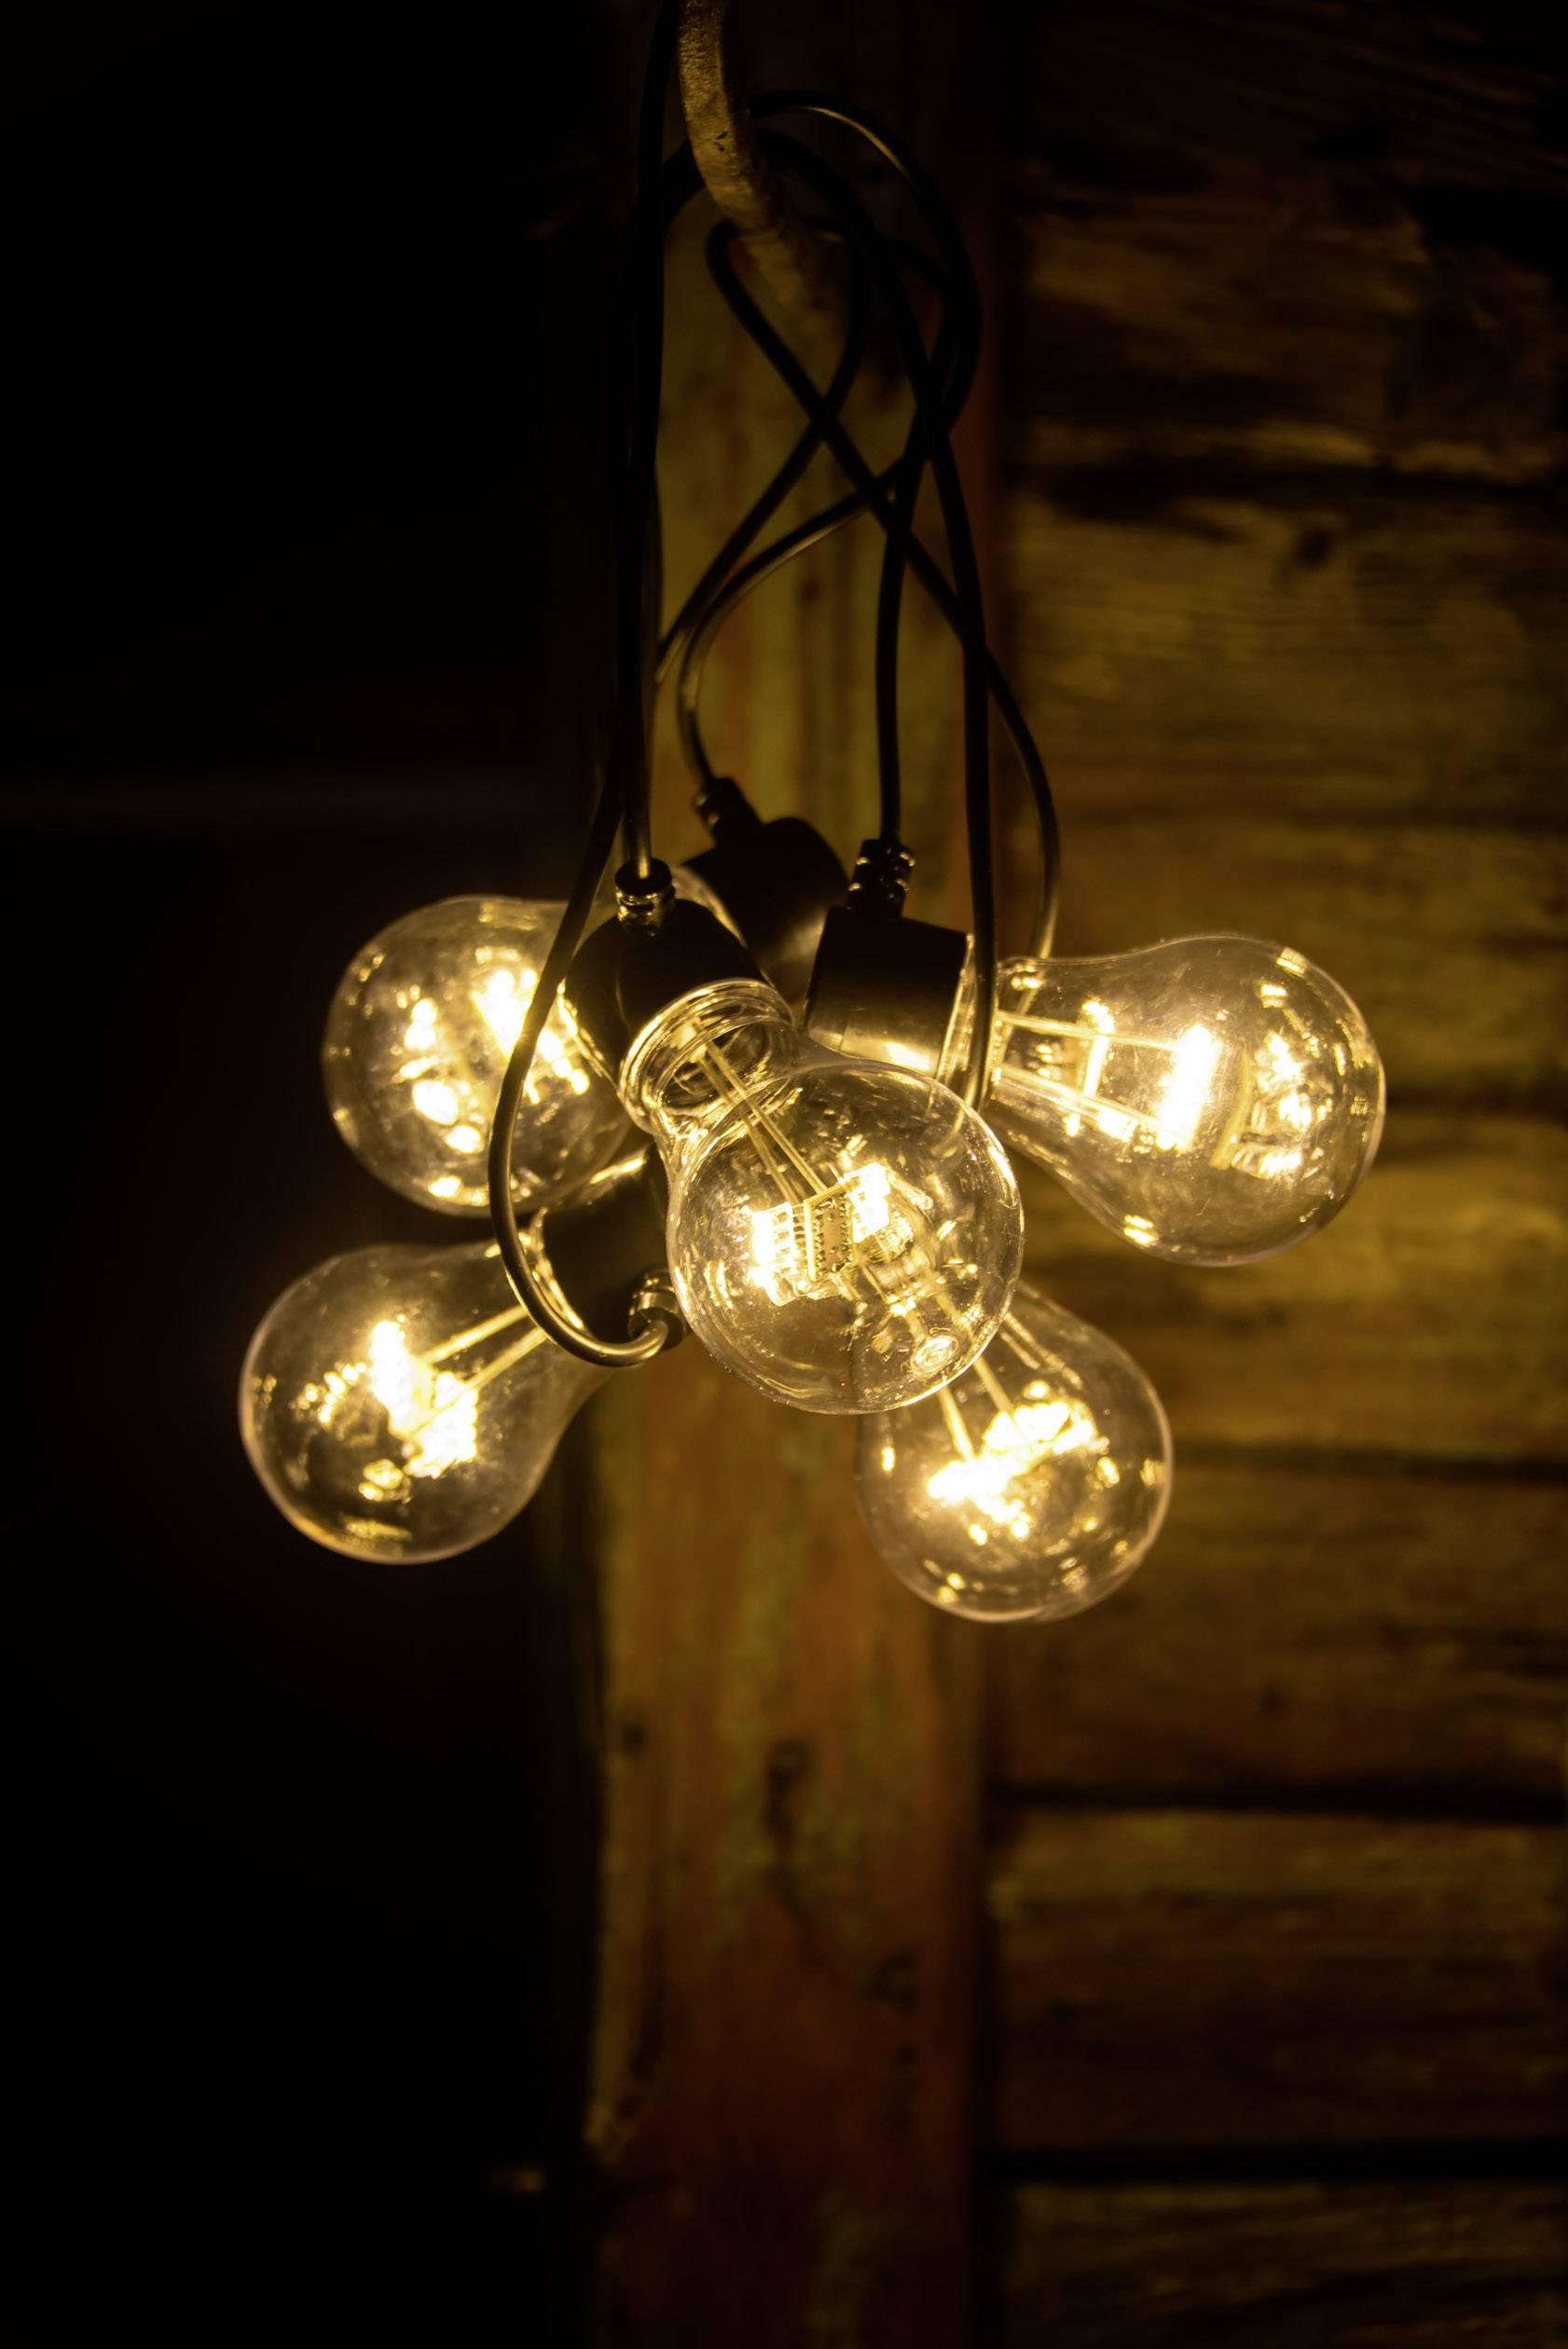 Konstsmide 2372 800 Partyljusslinga Utomhus batteri Antal lampor 45 LED Klar, Bärnsten Belyst längd: 2 m